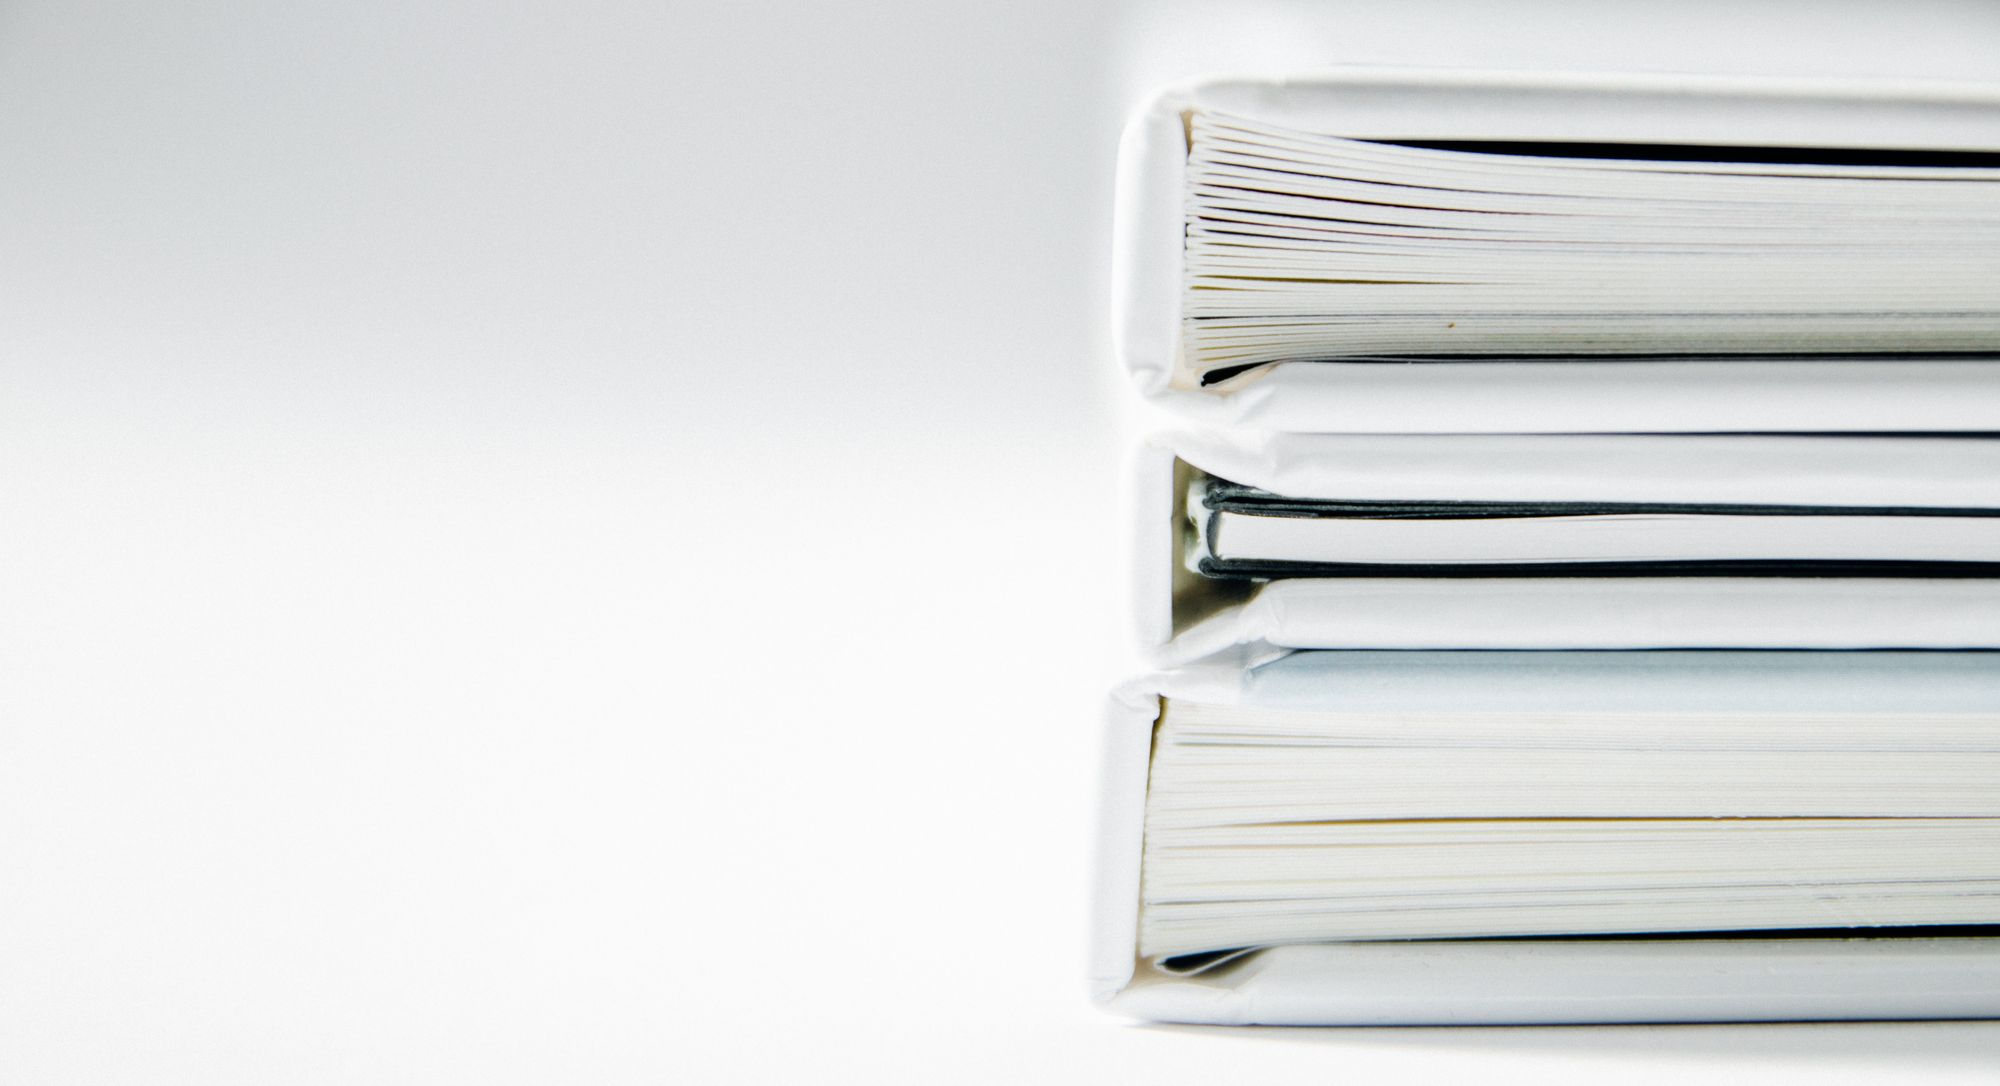 Số hóa dữ liệu trường mầm học: Nên bắt đầu từ đâu?